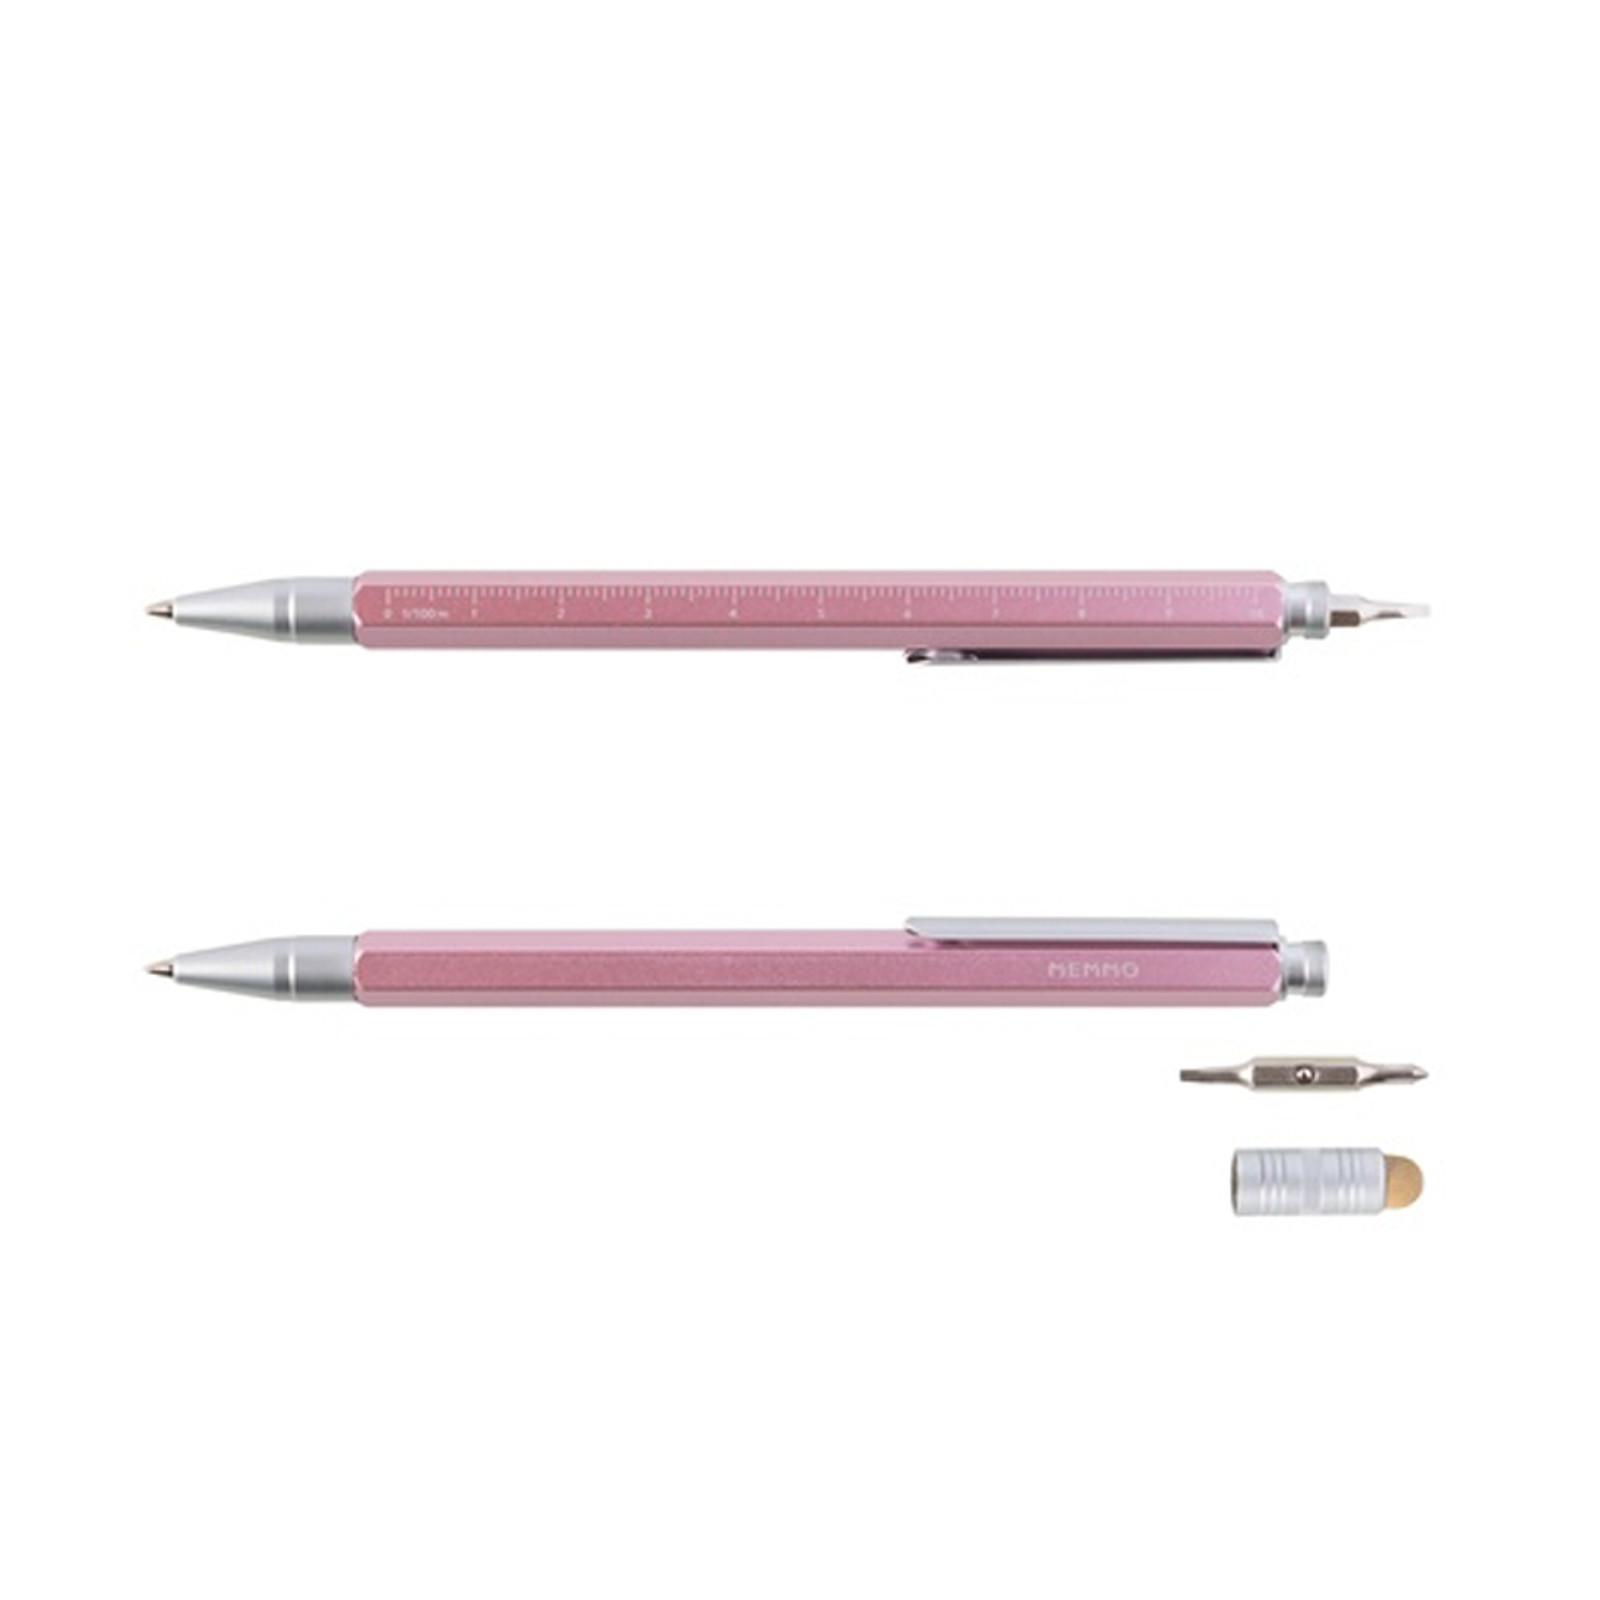 METRO Tool Pen w/ Screwdriver & Ruler Pink